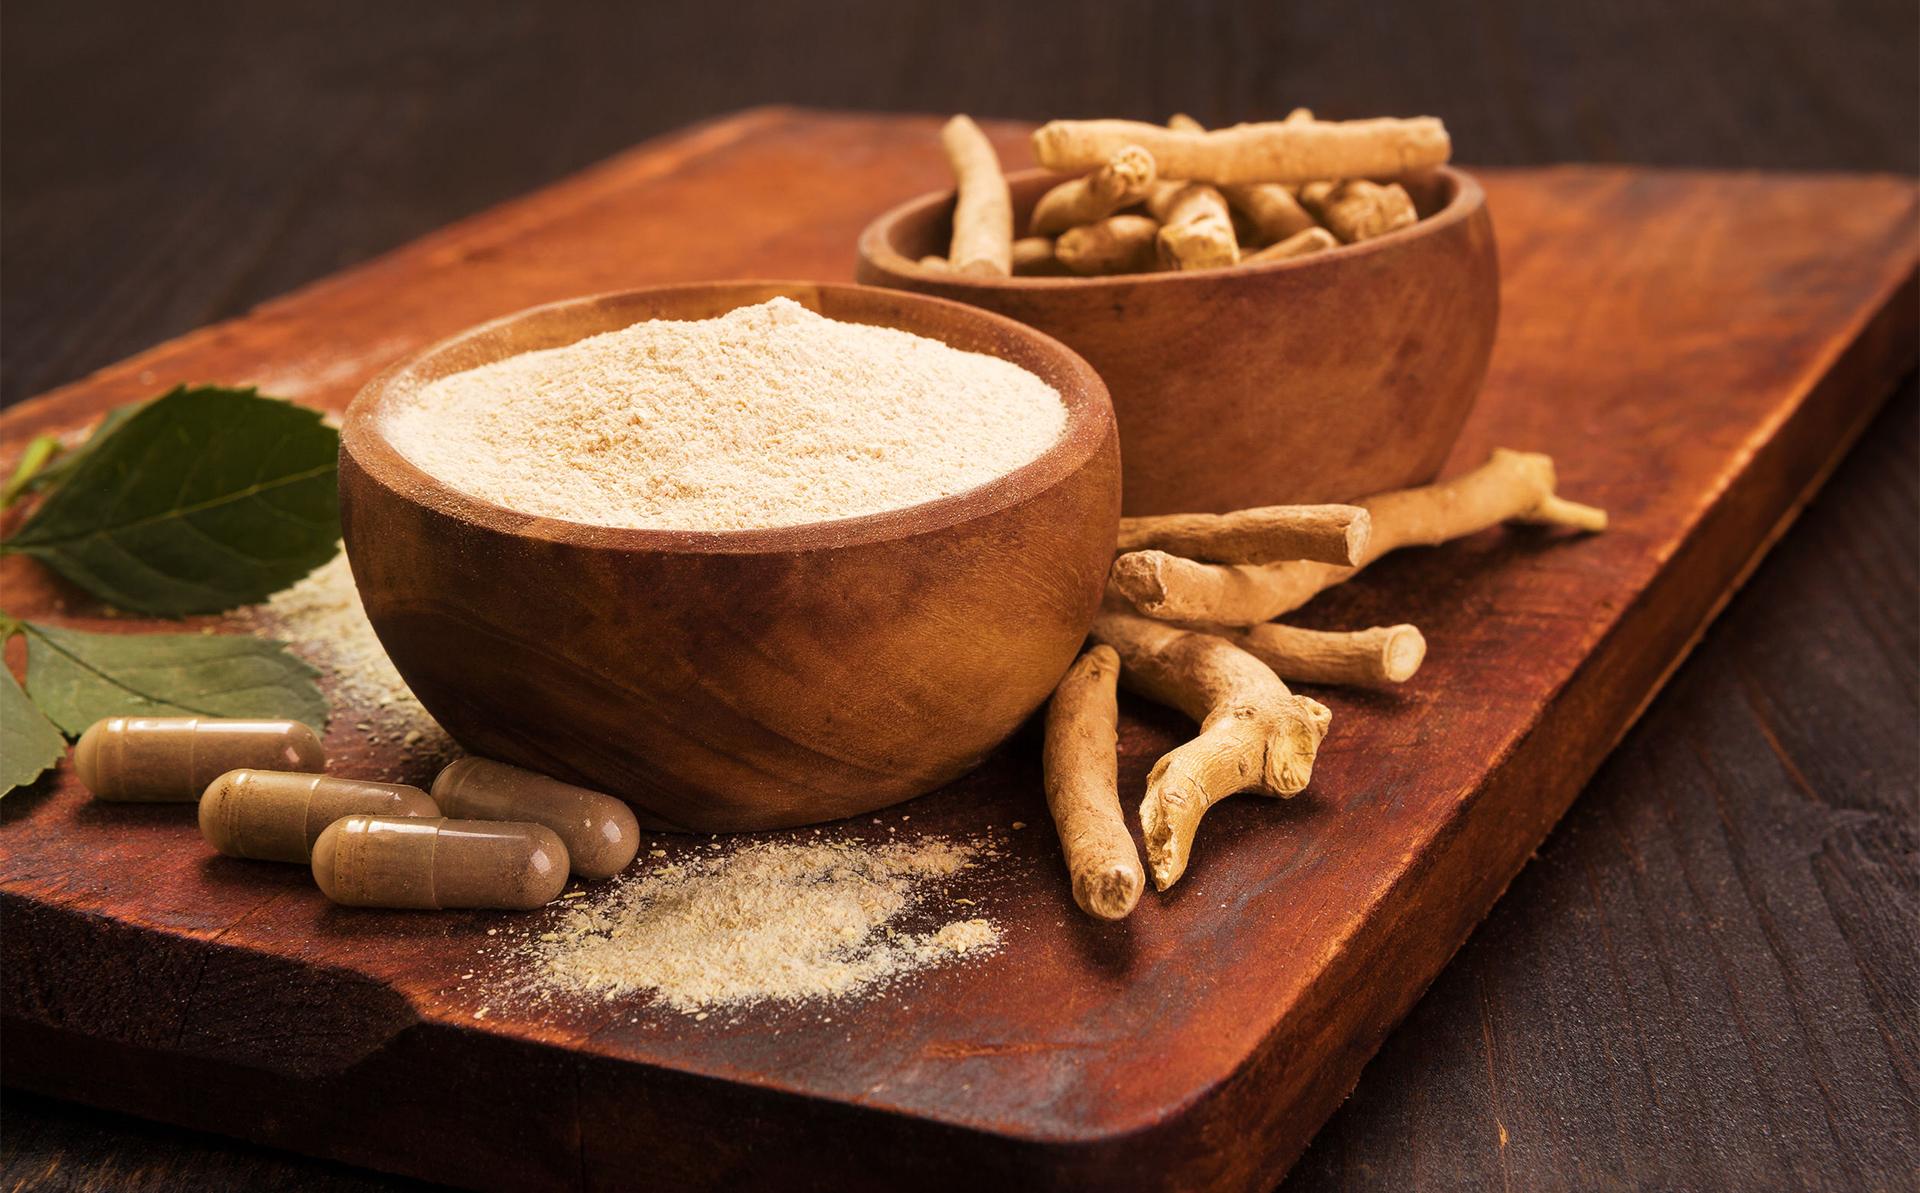 Ashwagandha - Propriétés et avantages de la plante ayurvédique